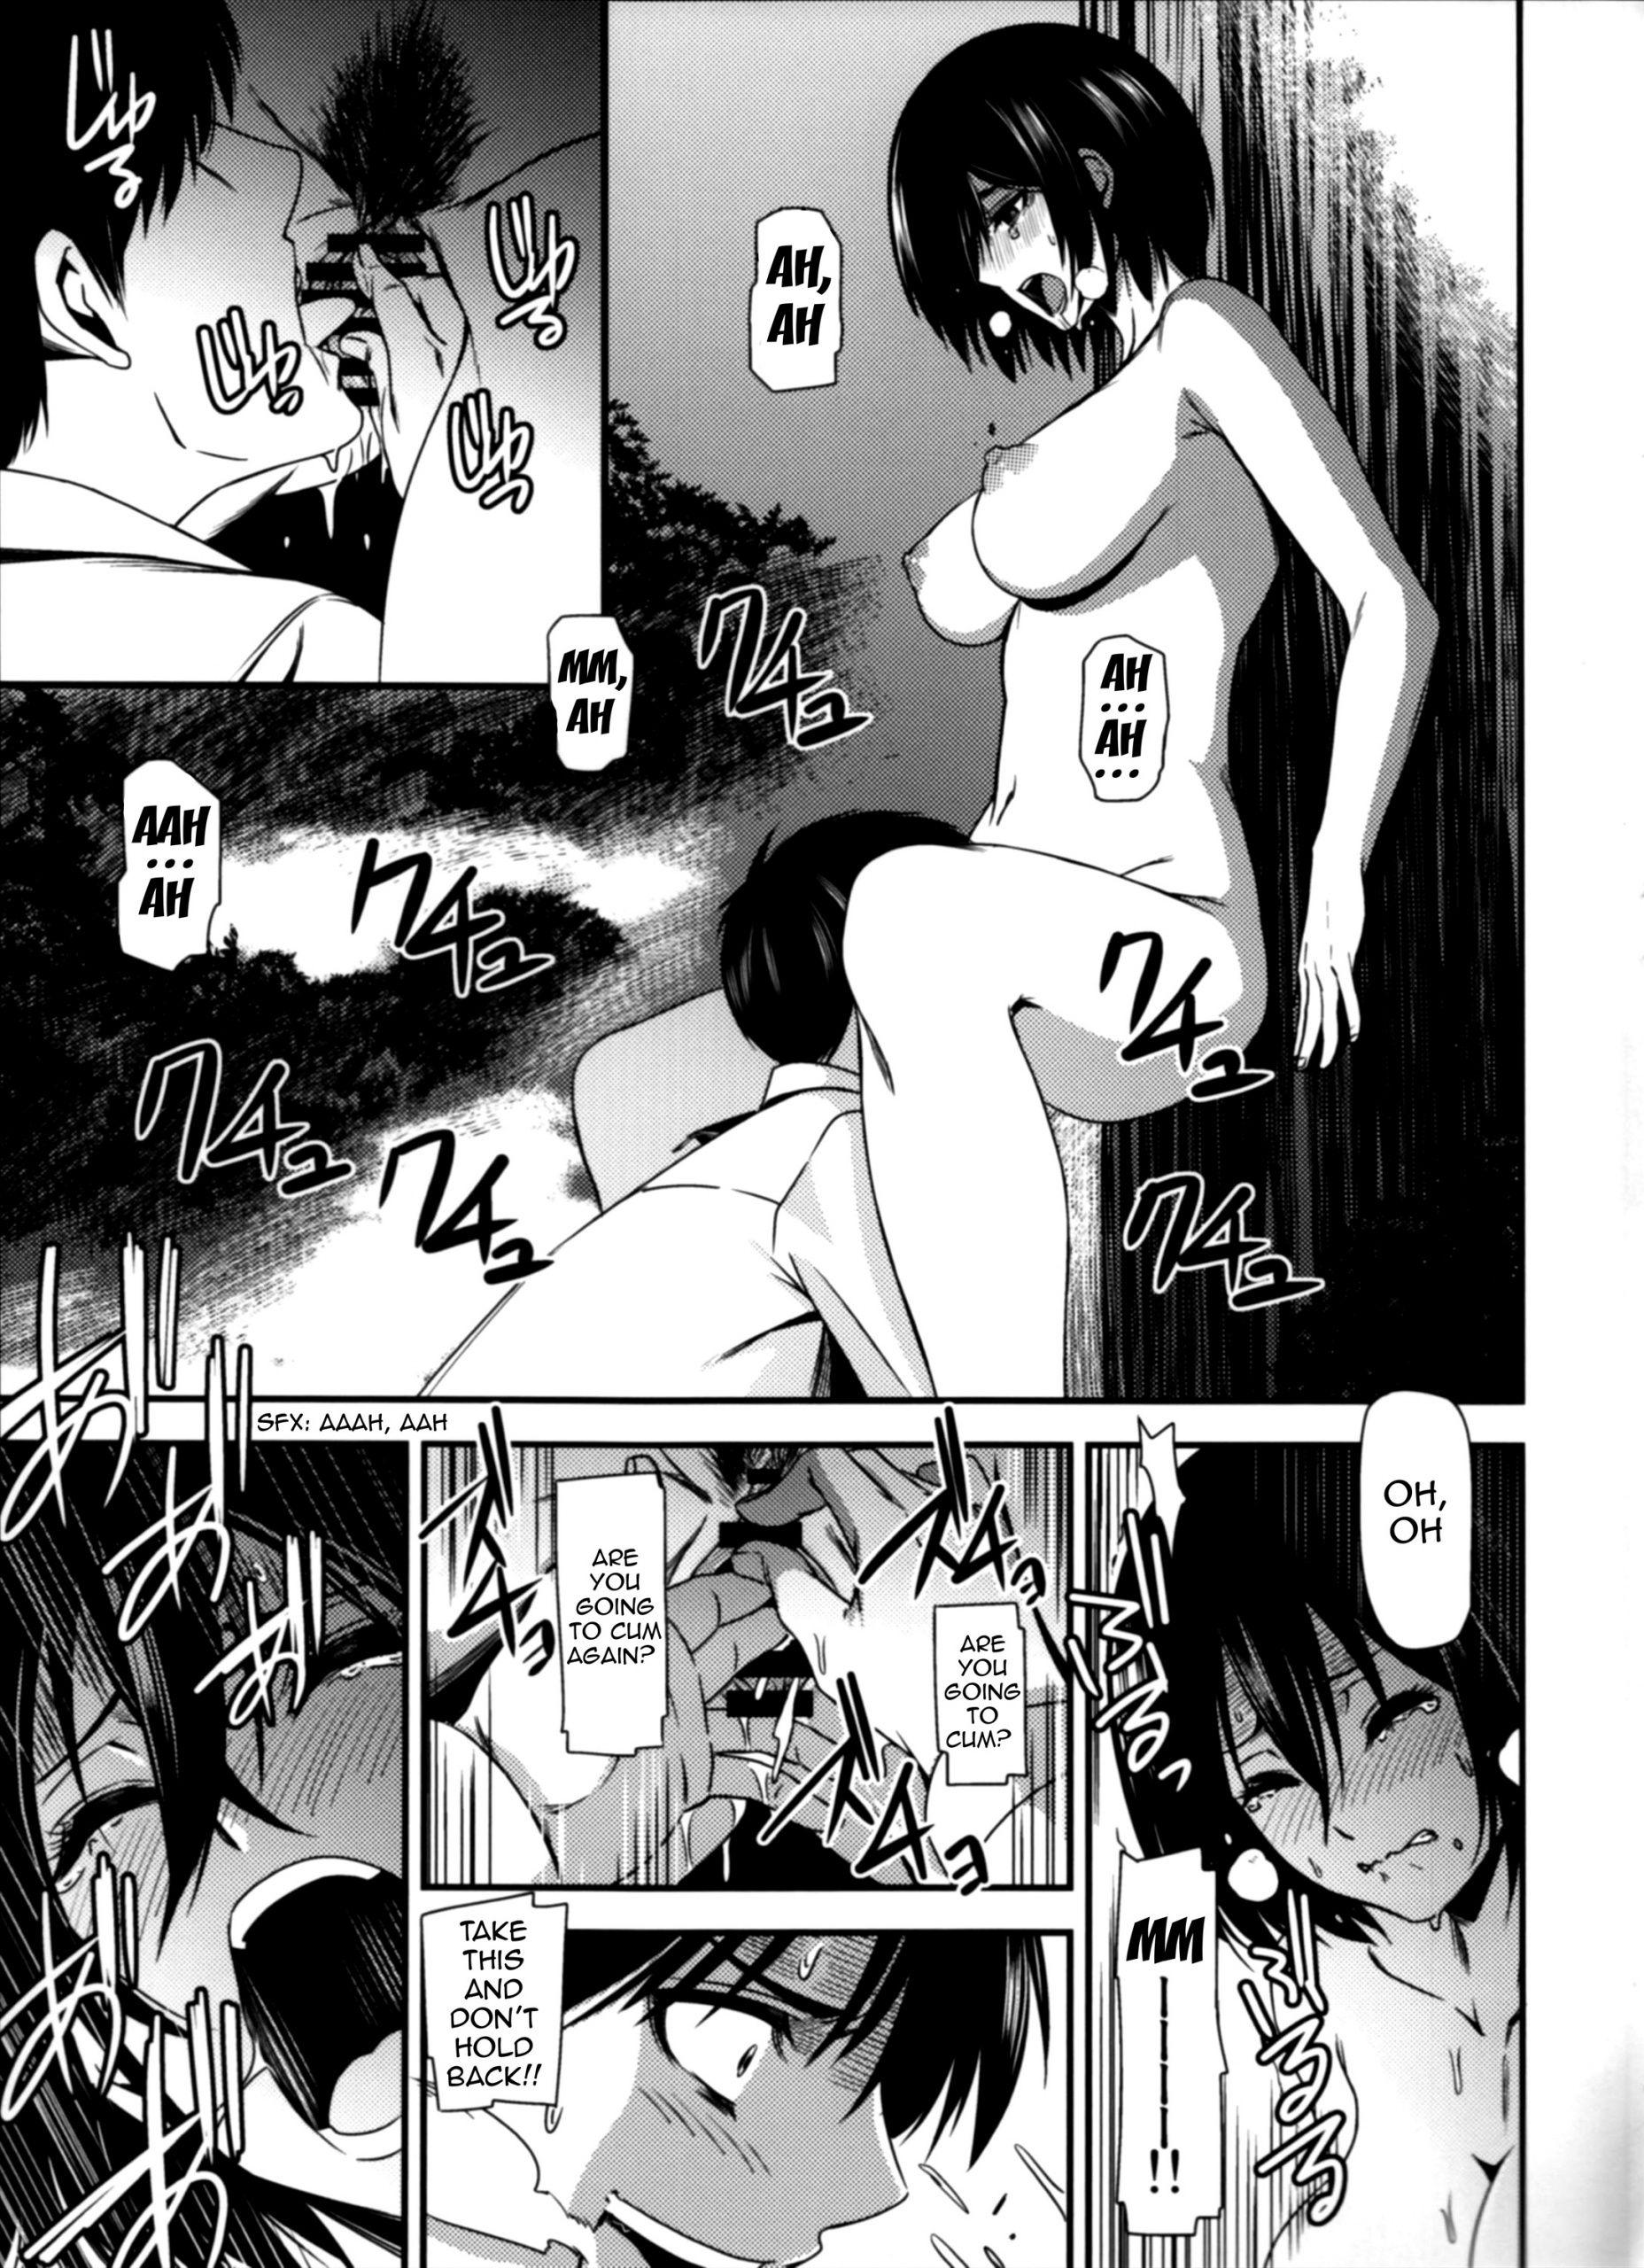 Gekishin yon hentai manga picture 22